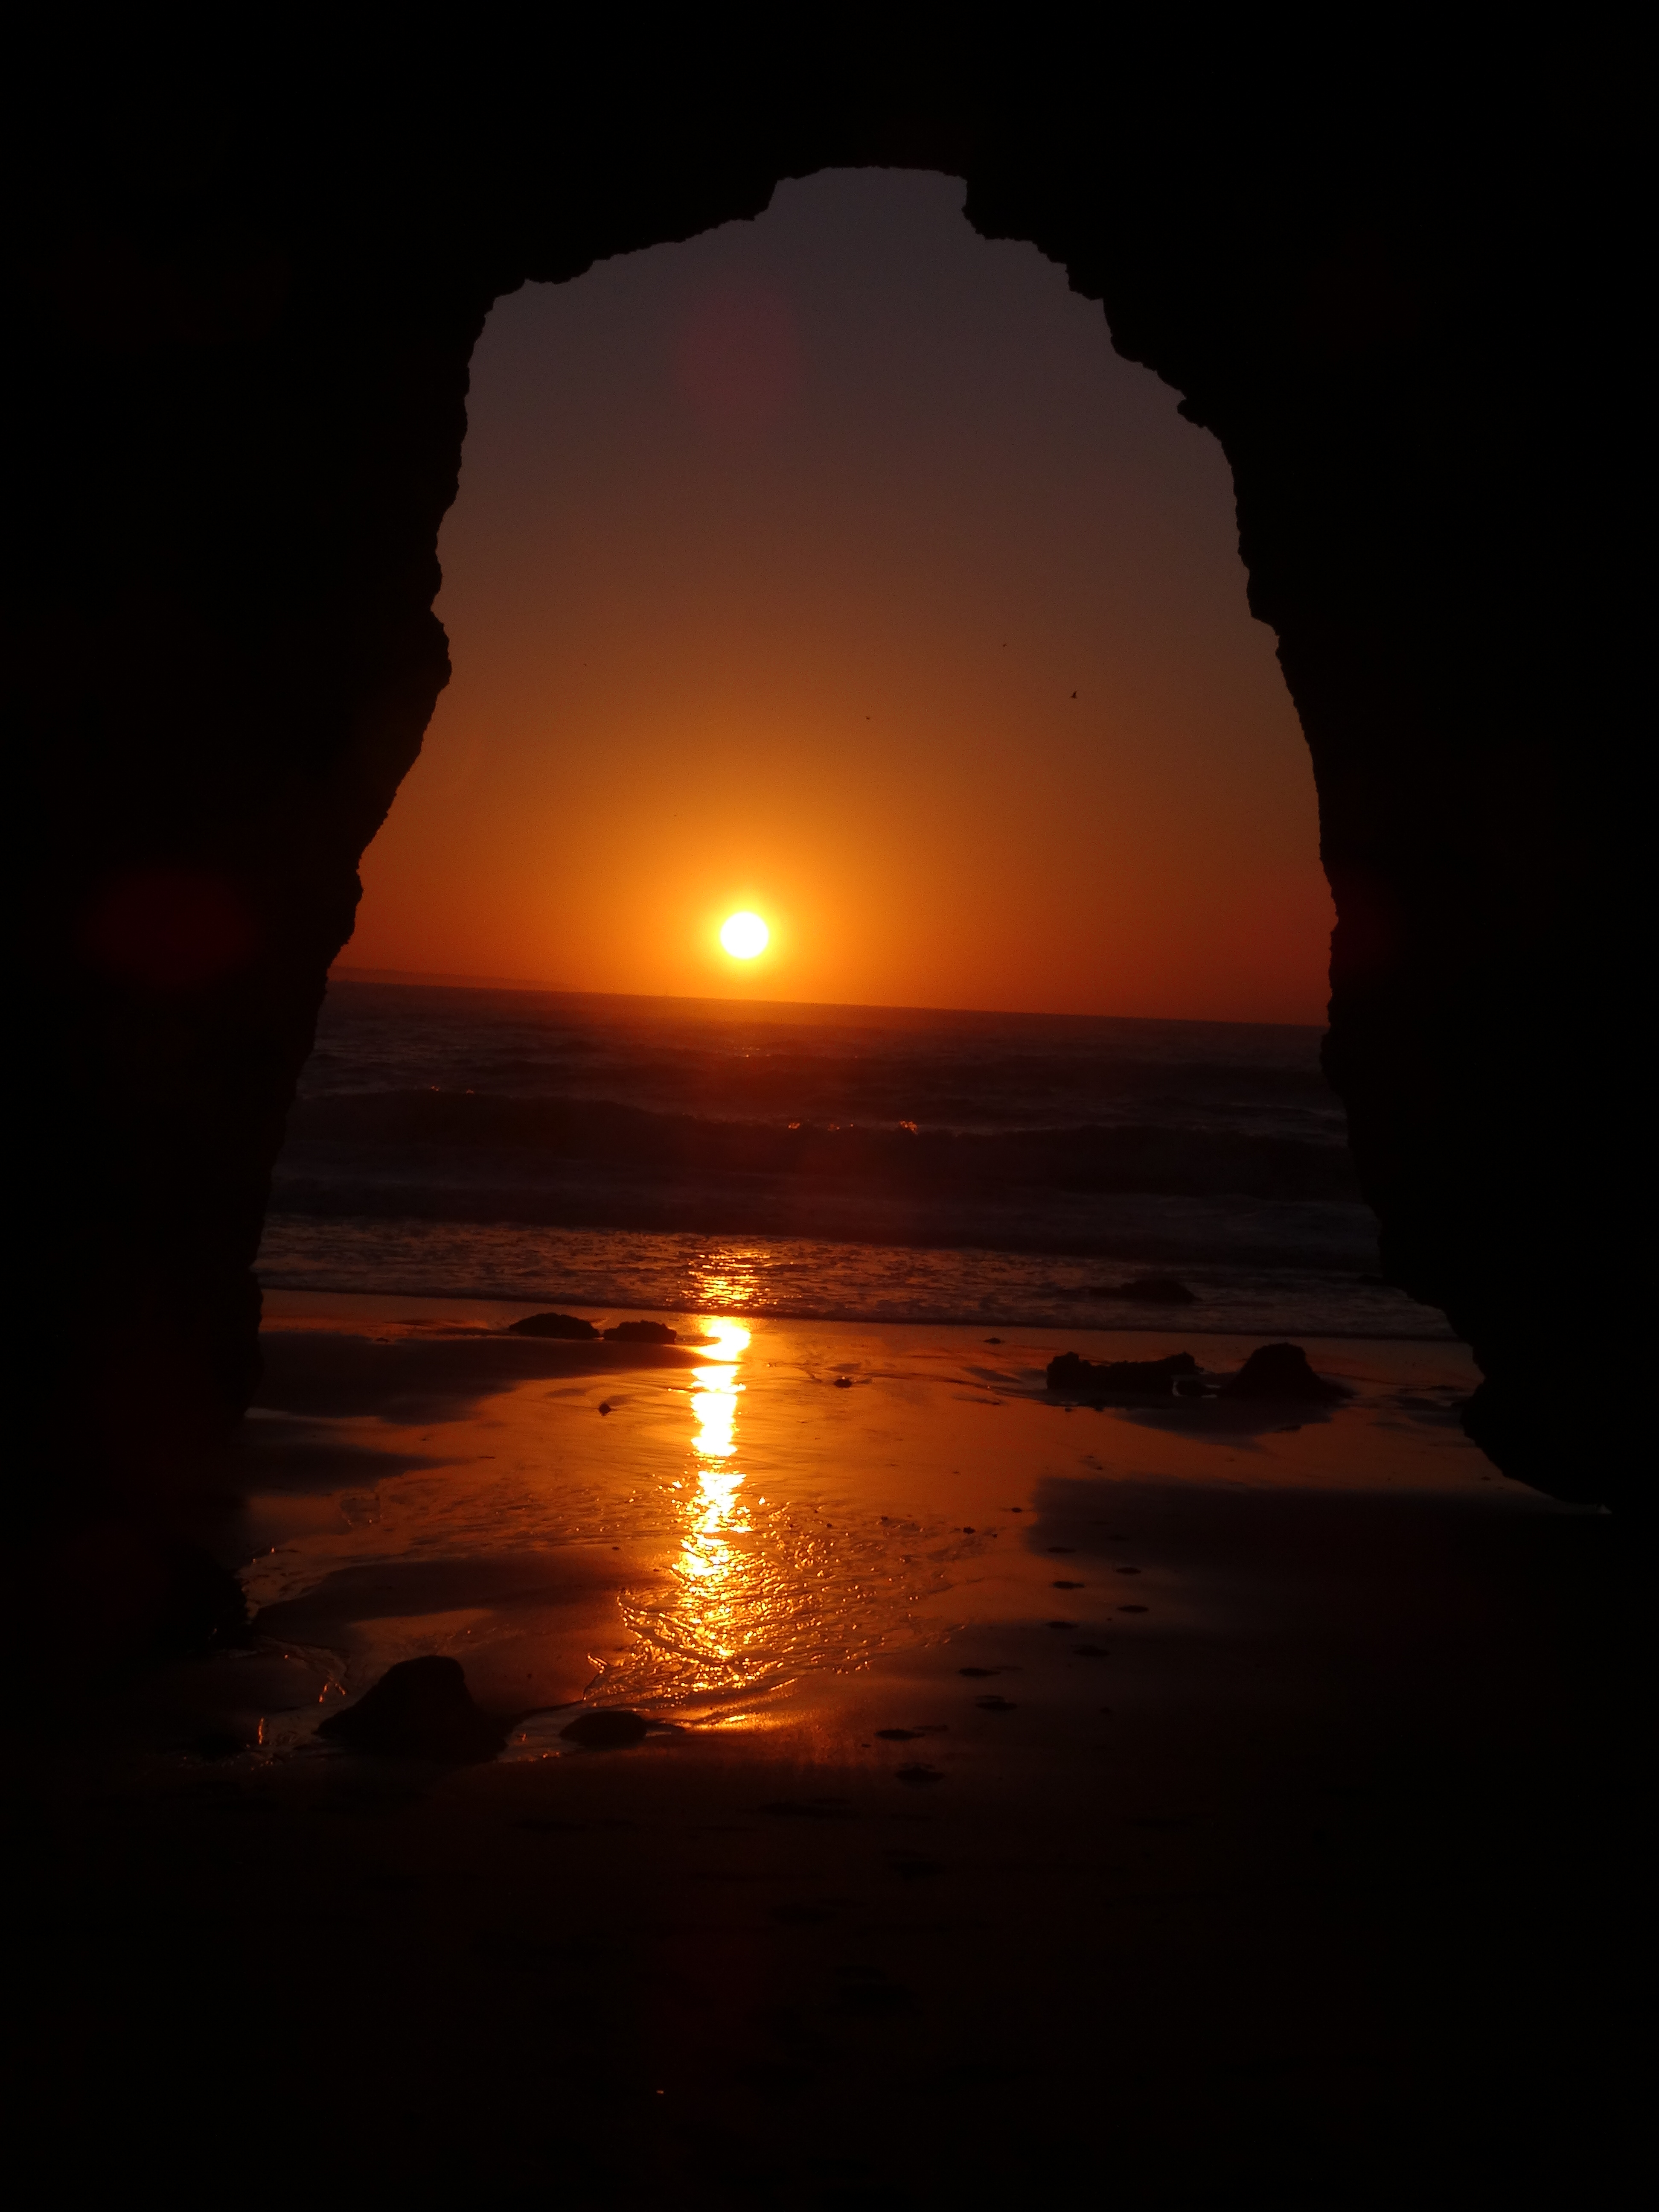 Sunrise in the Algarve